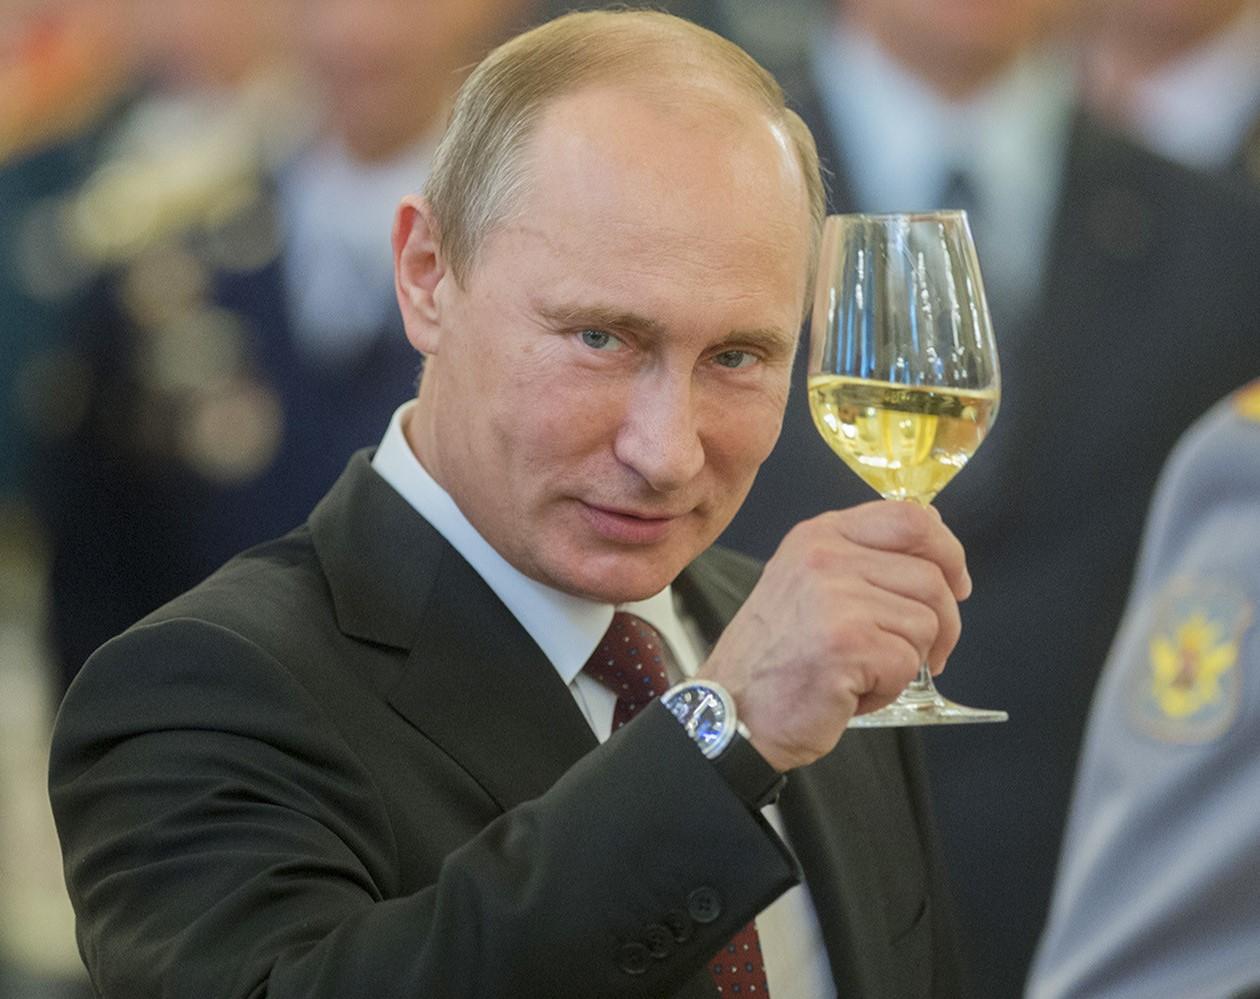 Песня про Путина выиграла Гр…